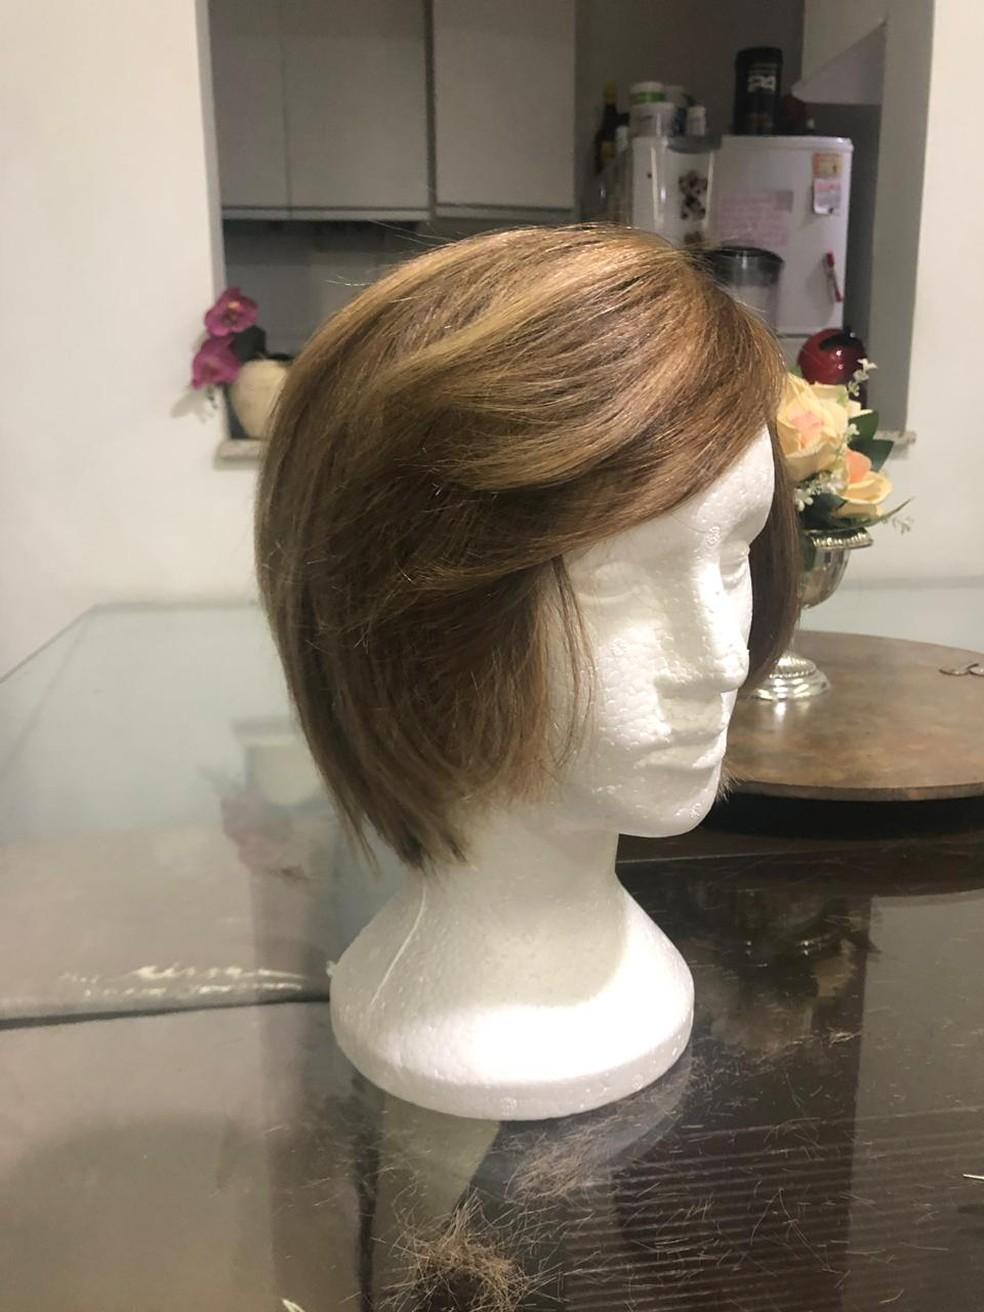 Com cabelo doado, paciente em tratamento de câncer cria banco de peruca, em BH — Foto: Karina Cotta/Arquivo pessoal